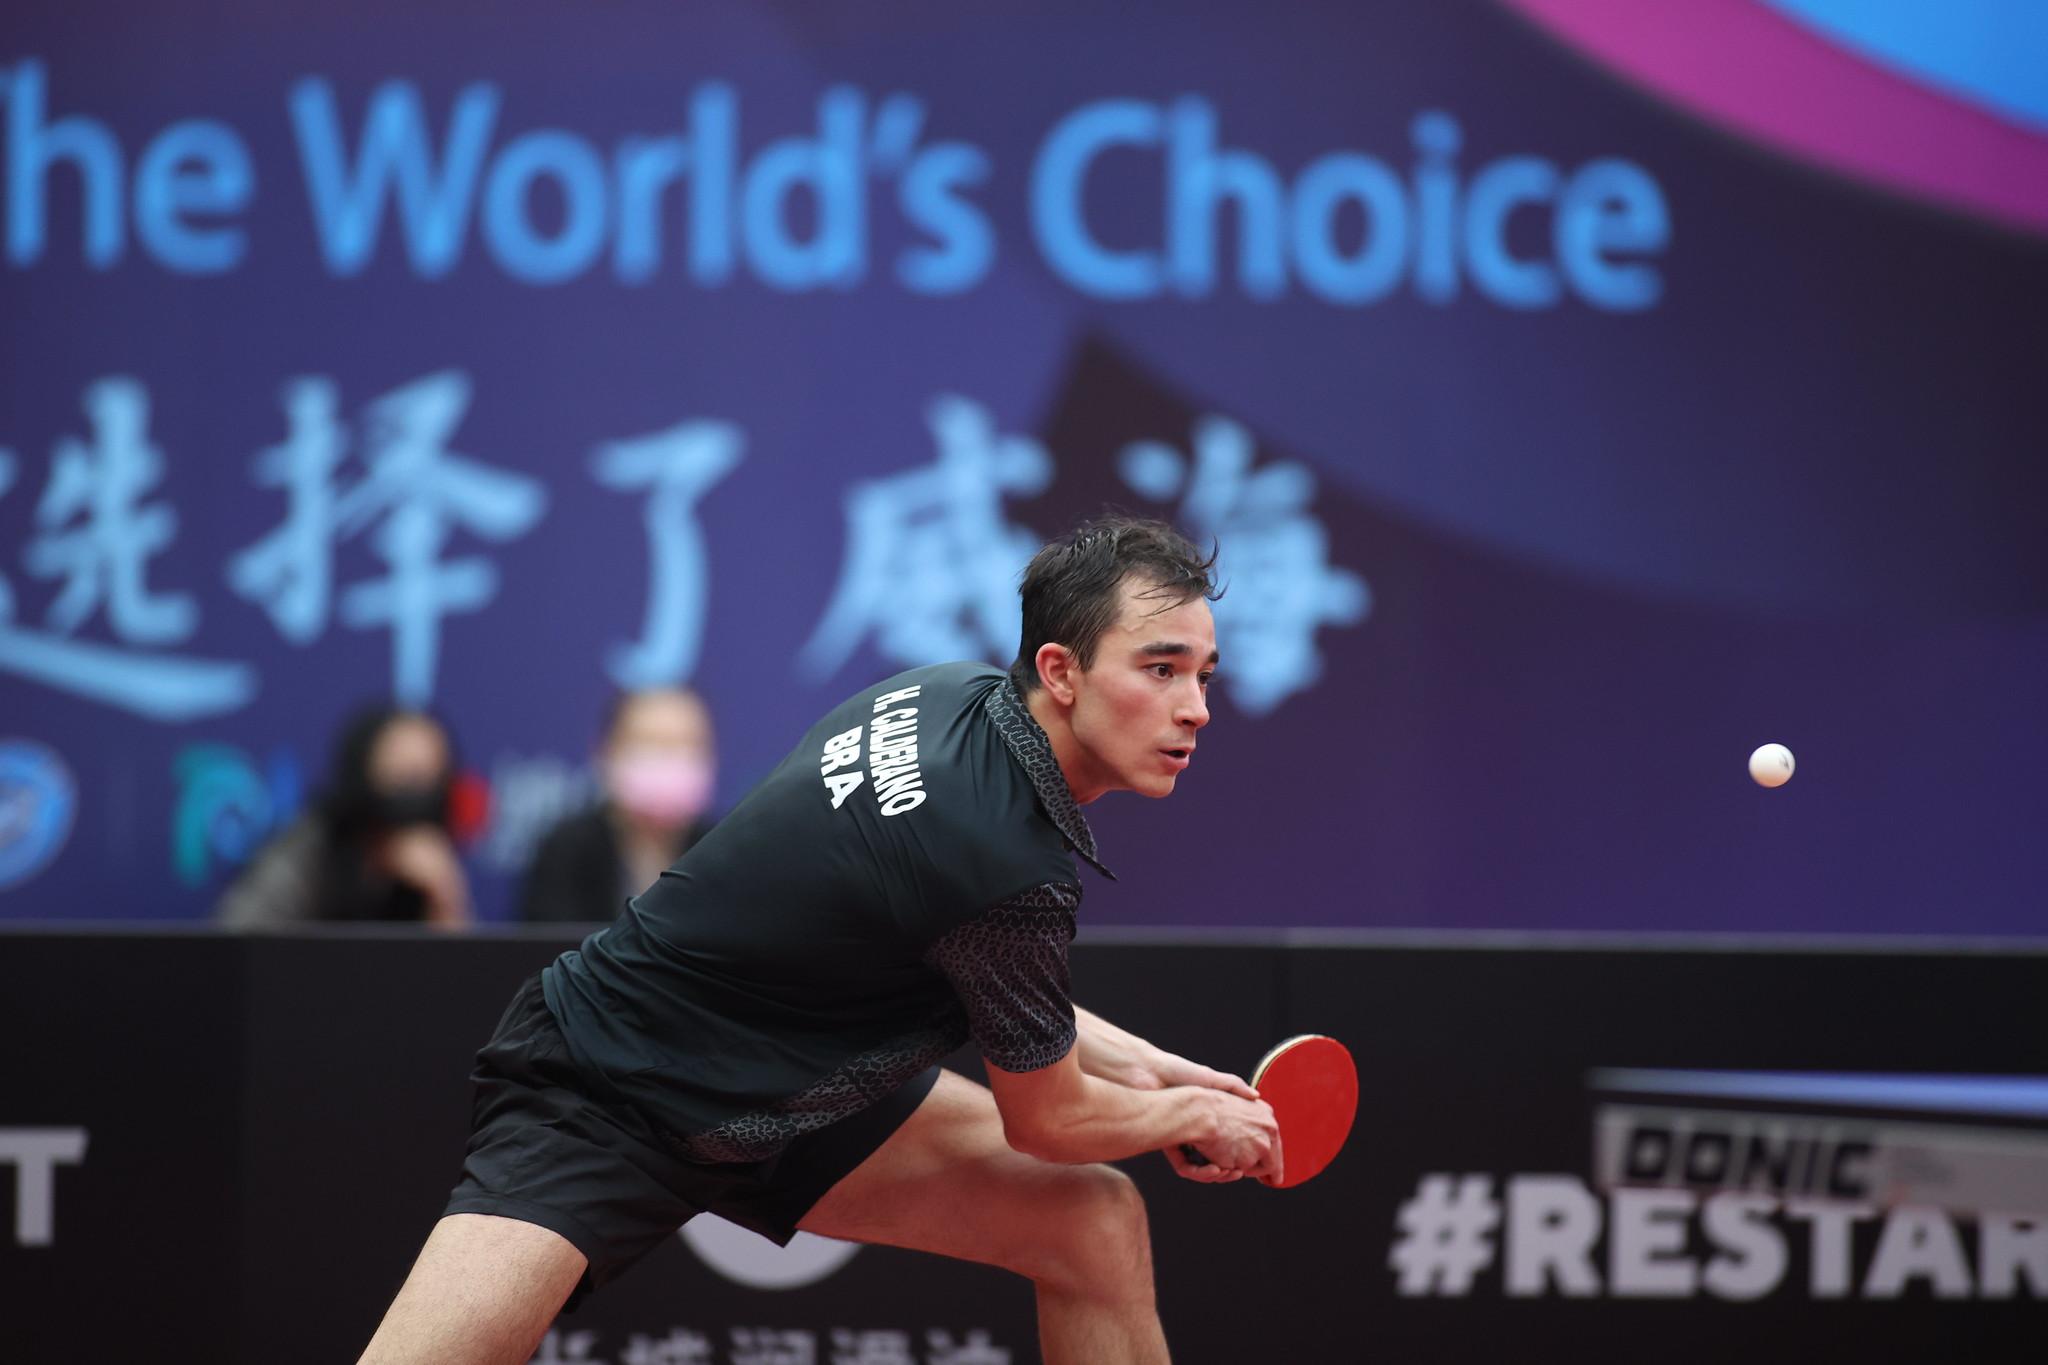 Hugo disputará o ITTF Finals pelo terceiro ano seguido (Crédito: ITTF)